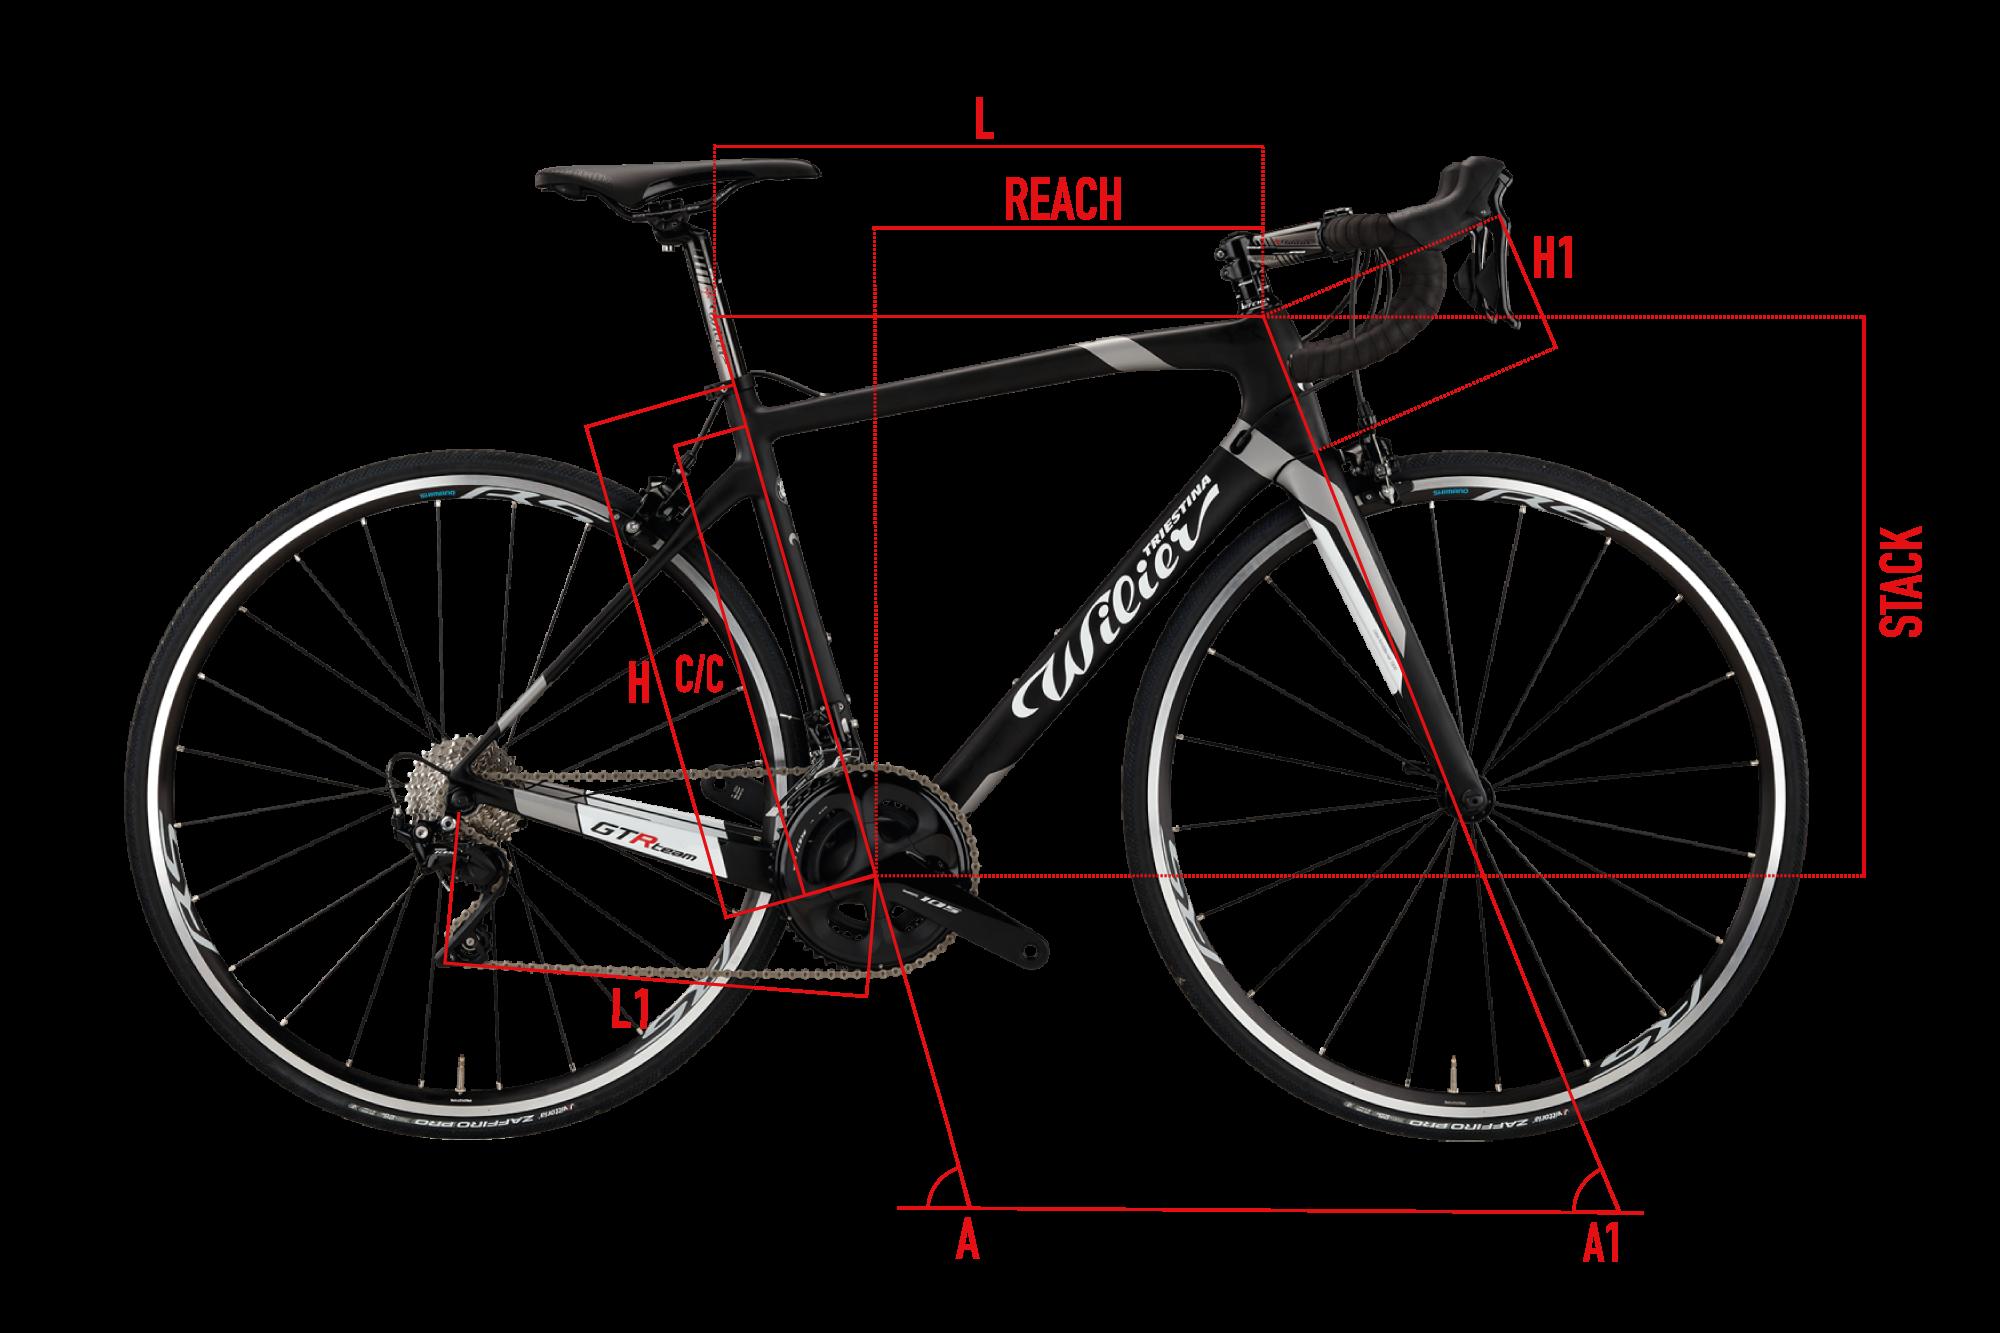 Bike Frame Geometry Image